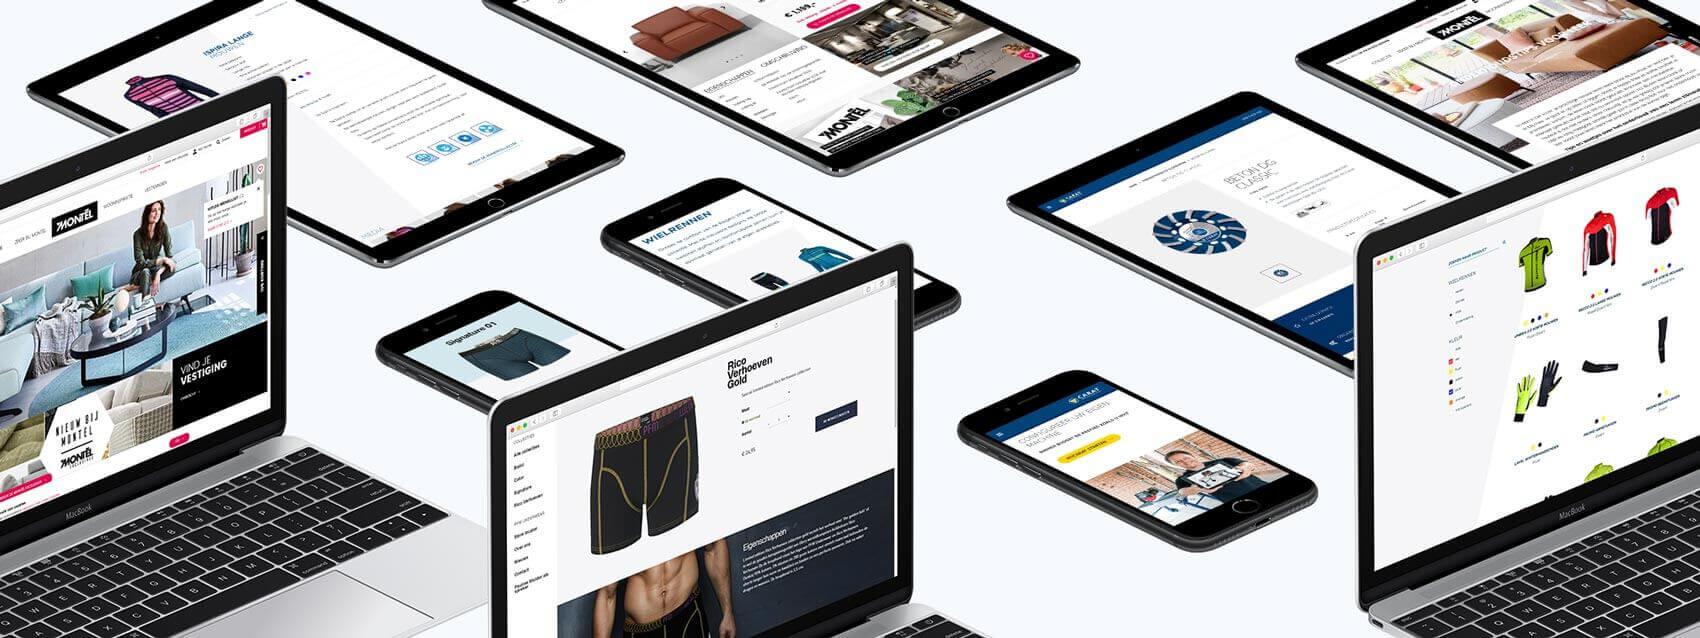 Webshop ontwikkeling door RB-Media uit Breda